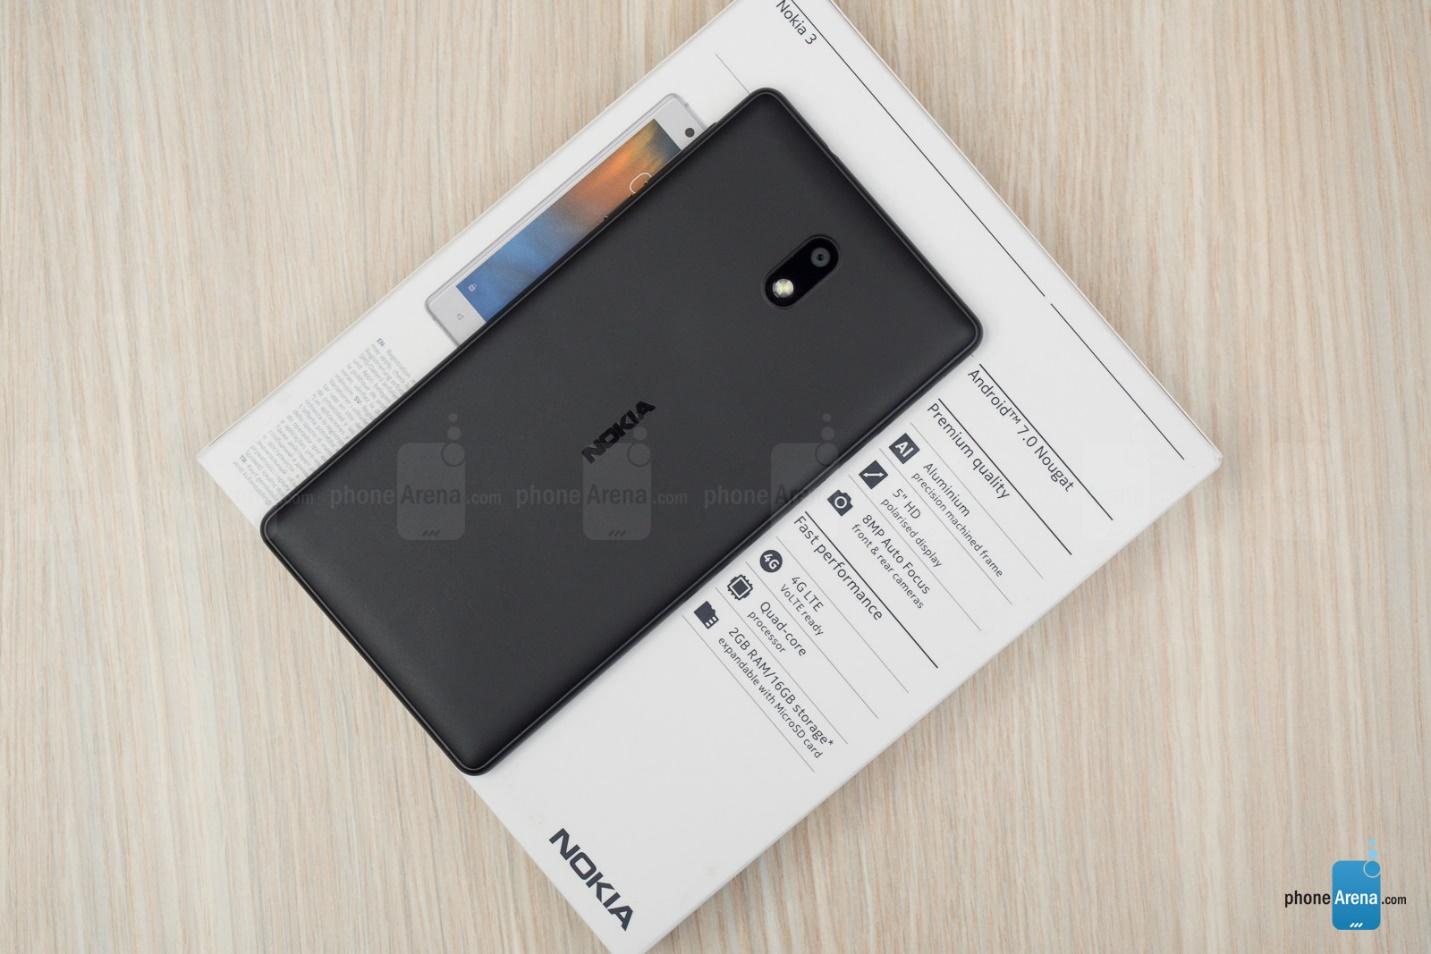 https://i-cdn.phonearena.com/images/reviews/208401-image/Nokia-3-Review-067-batt.jpg